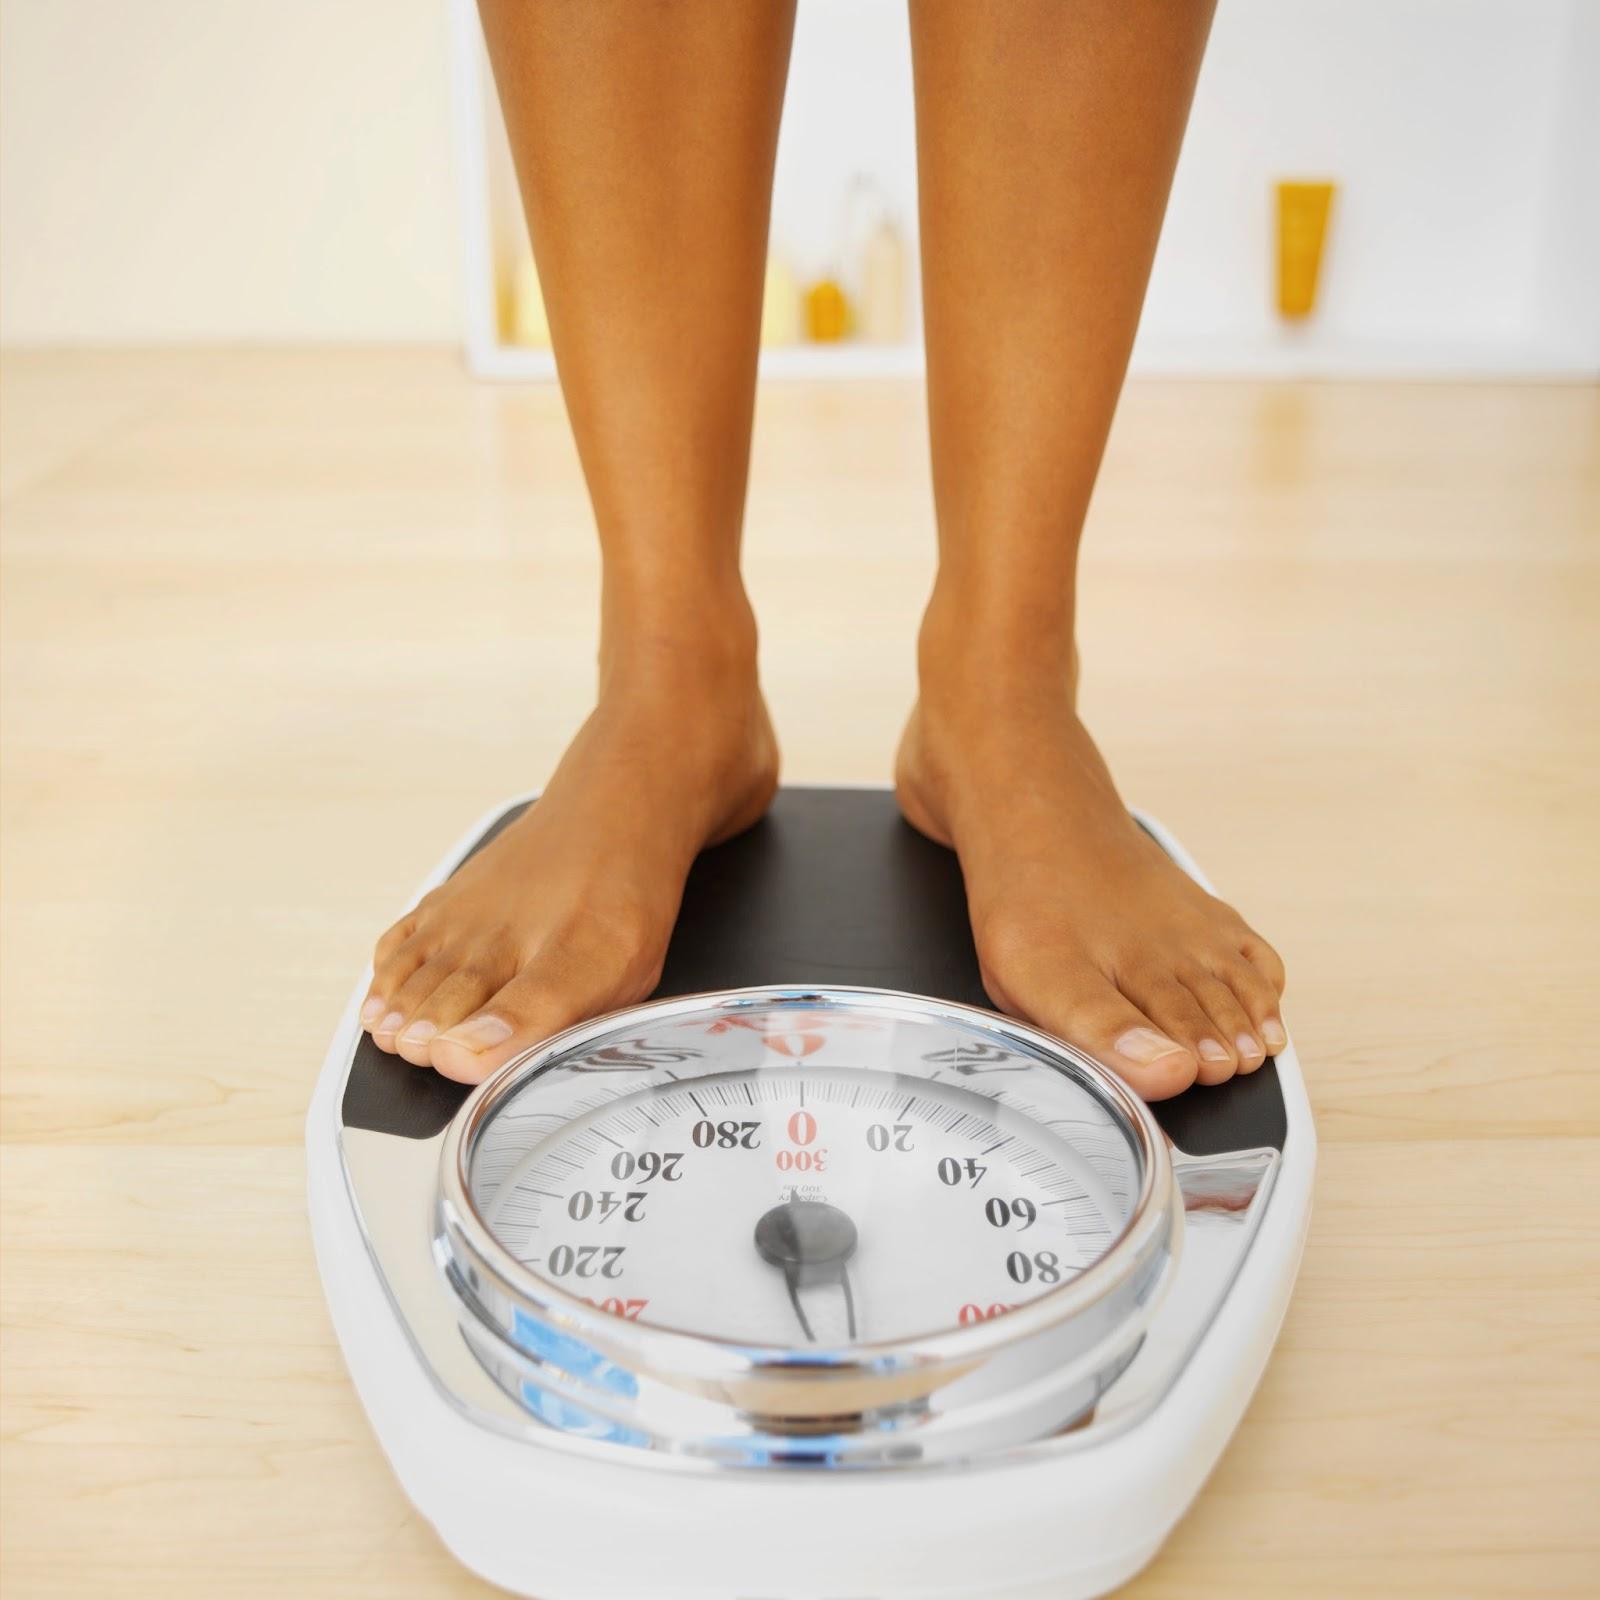 Как сбросить 1 кг за 1 день: методы быстрого похудения - allslim.ru